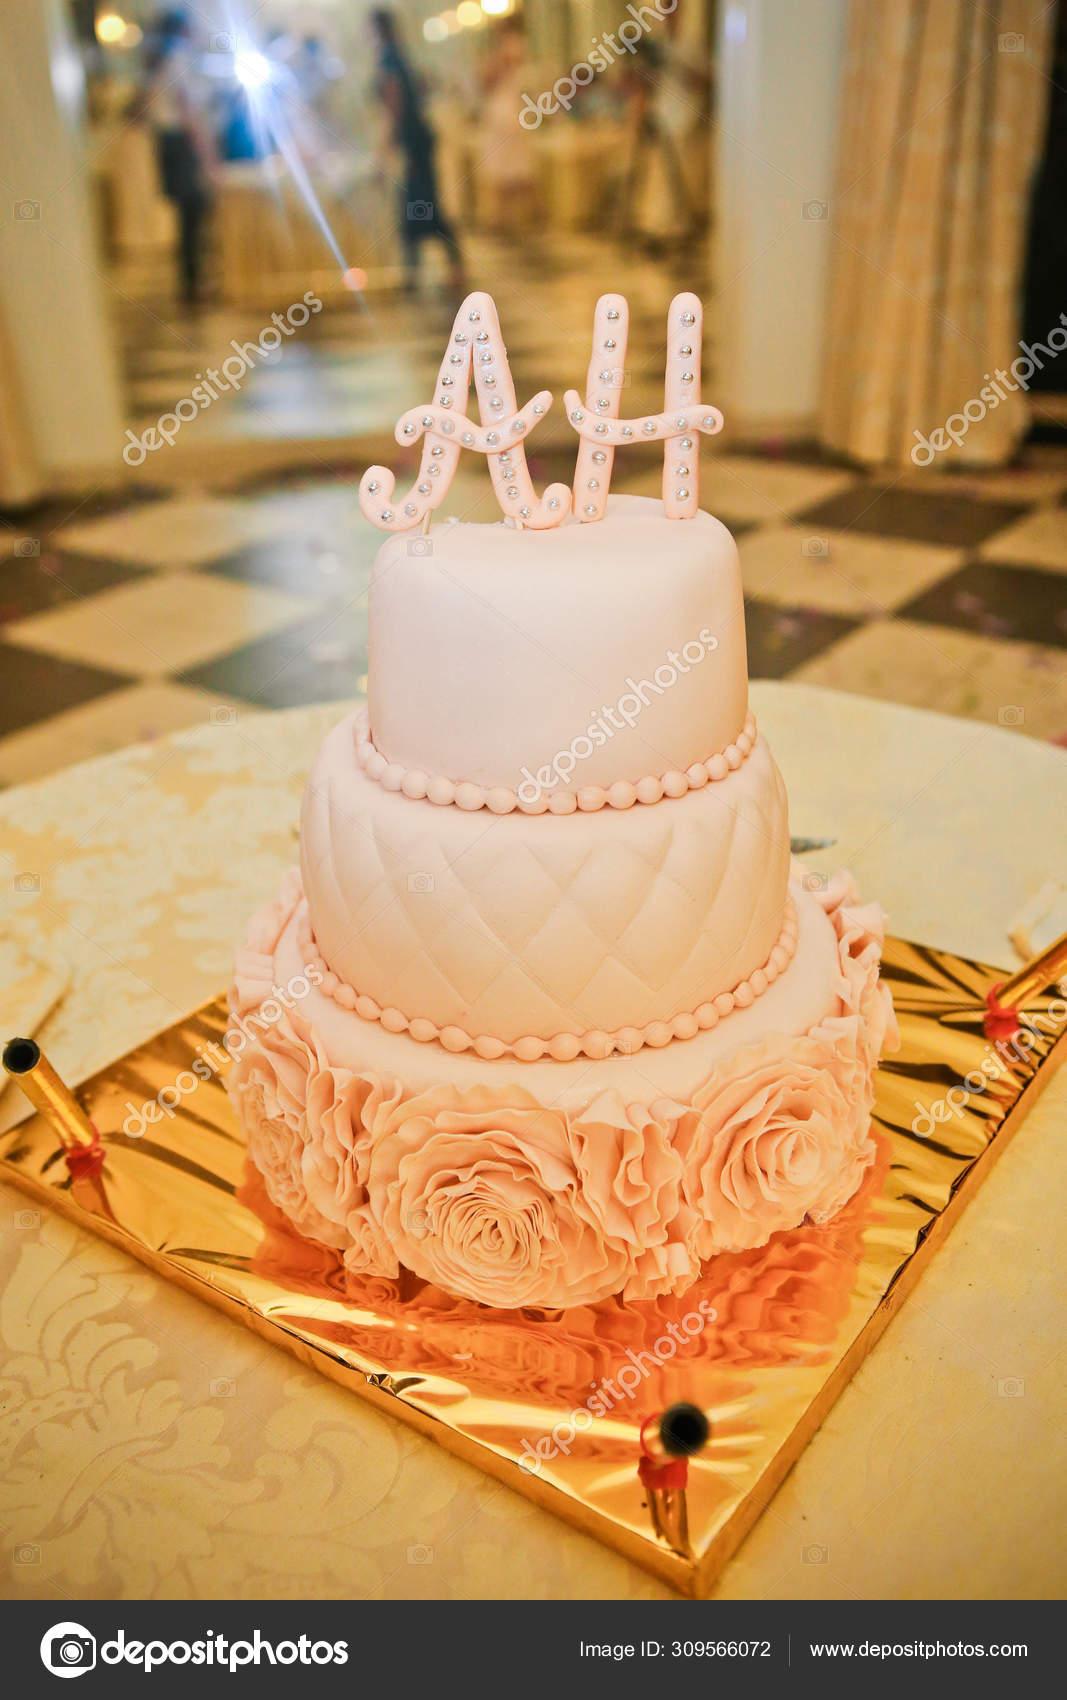 Three Tier Birthday Cake White Cream Mastic Stock Photo Image By C Yunafoto 309566072